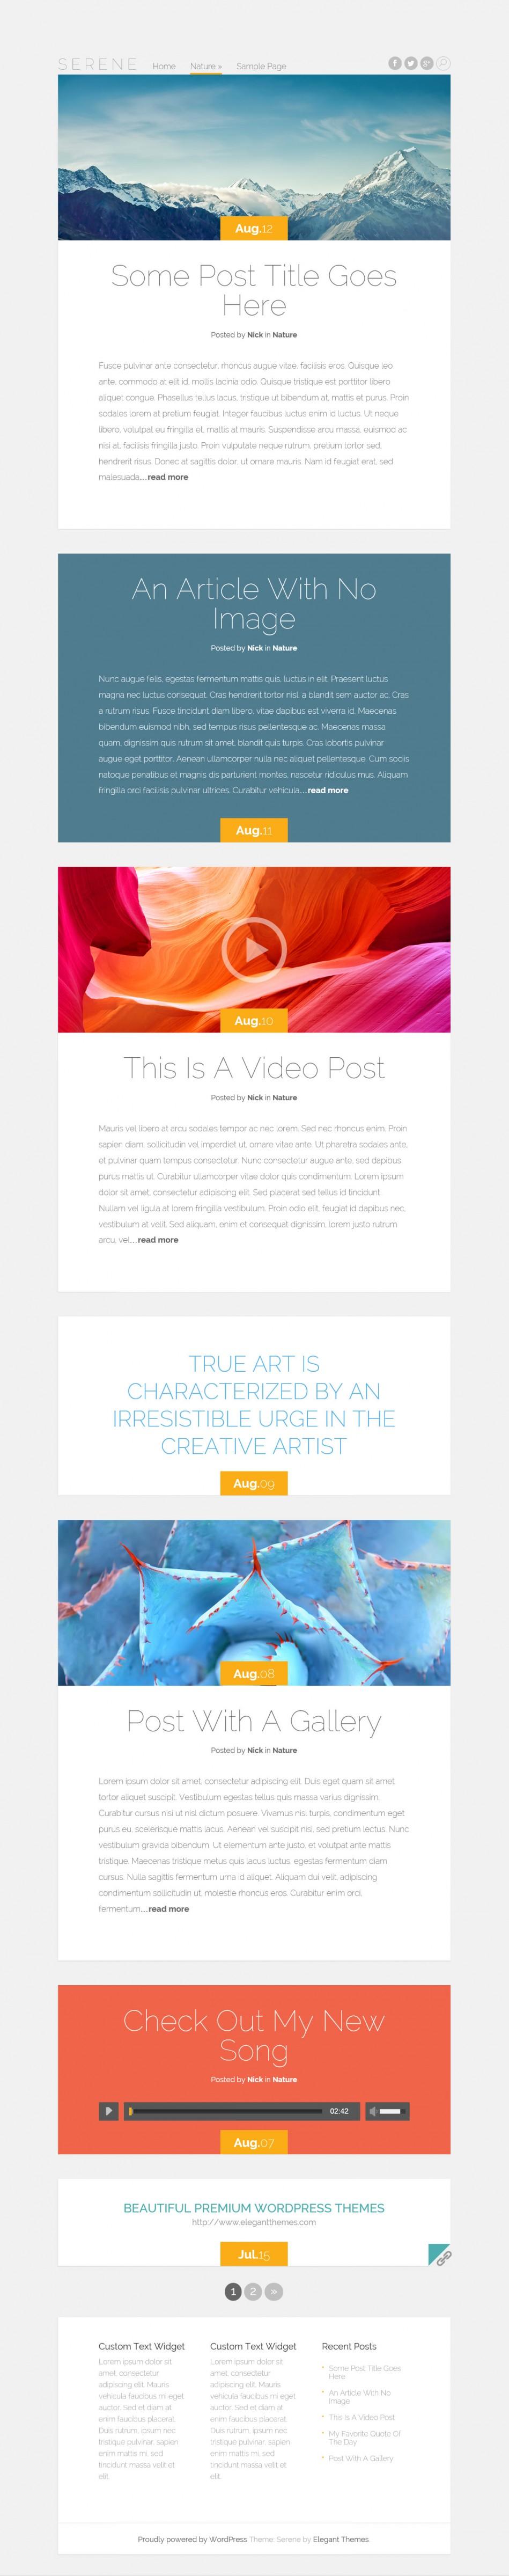 Serene - элегантная тема с адаптивным дизайном для личного блога (4)